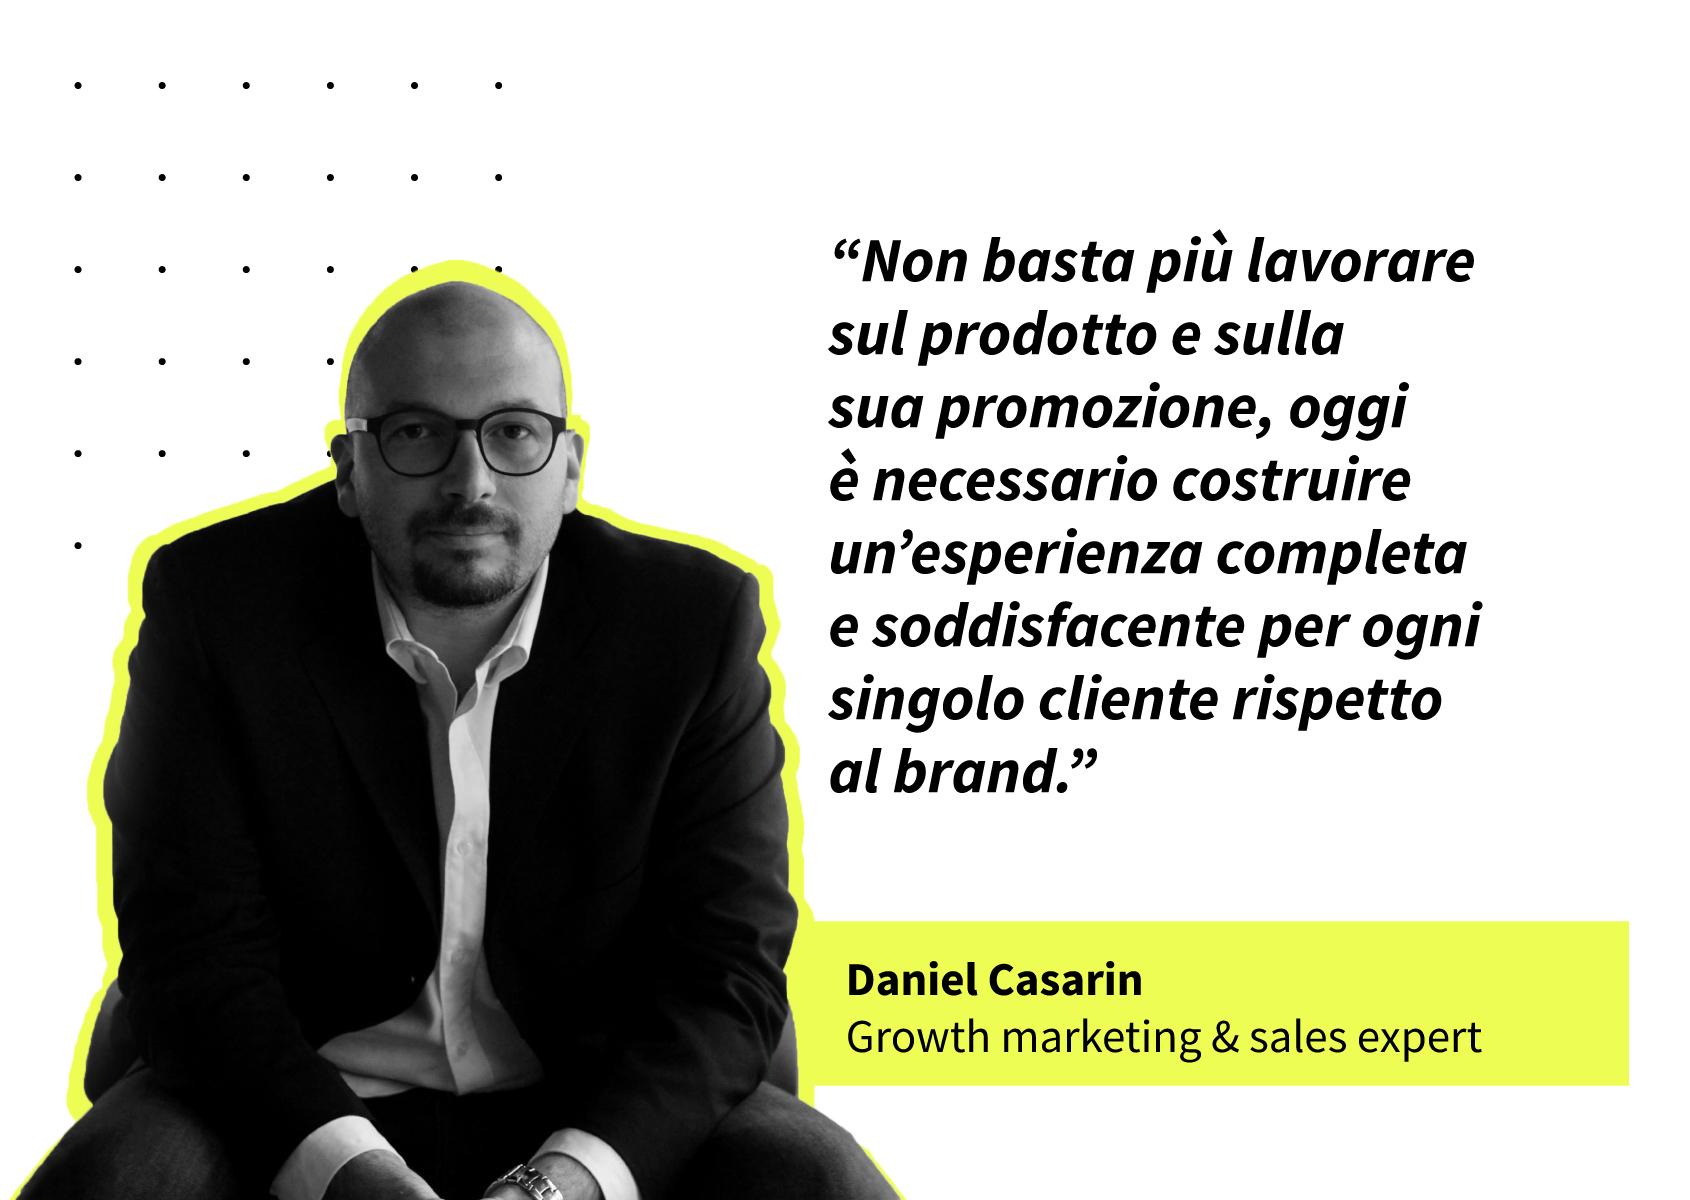 Quote: Non basta più lavorare sul prodotto e sulla sua promozione, oggi è necessario costruire un'esperienza completa e soddisfacente per ogni singolo cliente rispetto al brand.